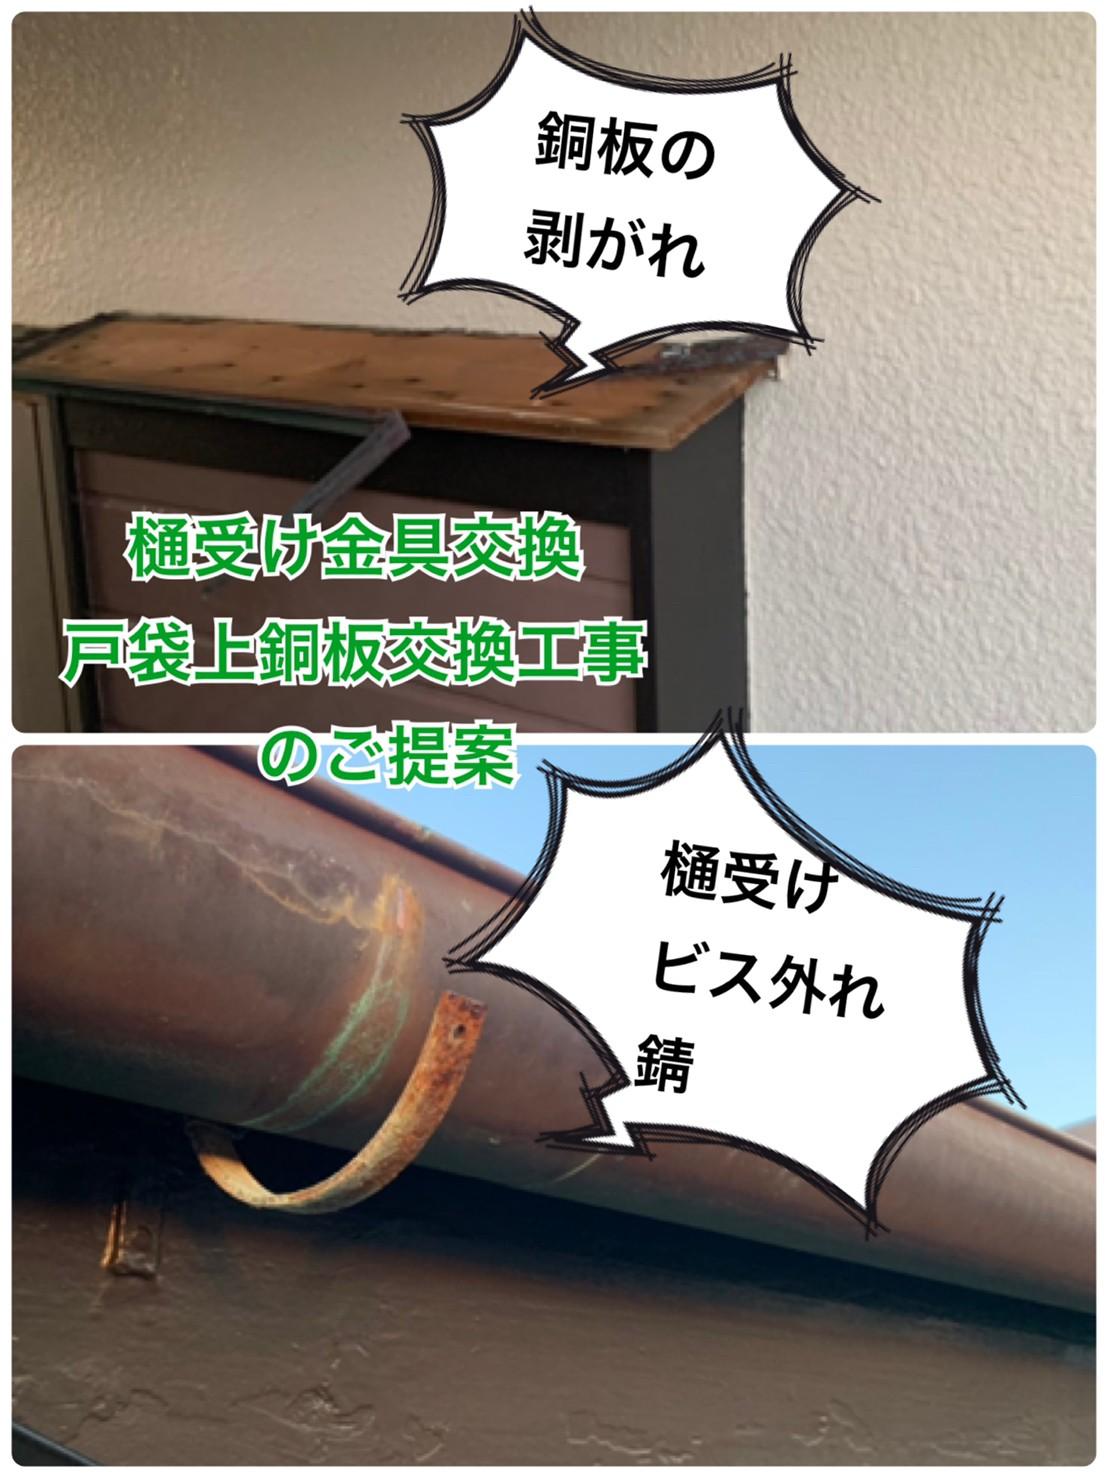 桶受け金具交換・戸袋上銅板交換工事のご提案📜✨